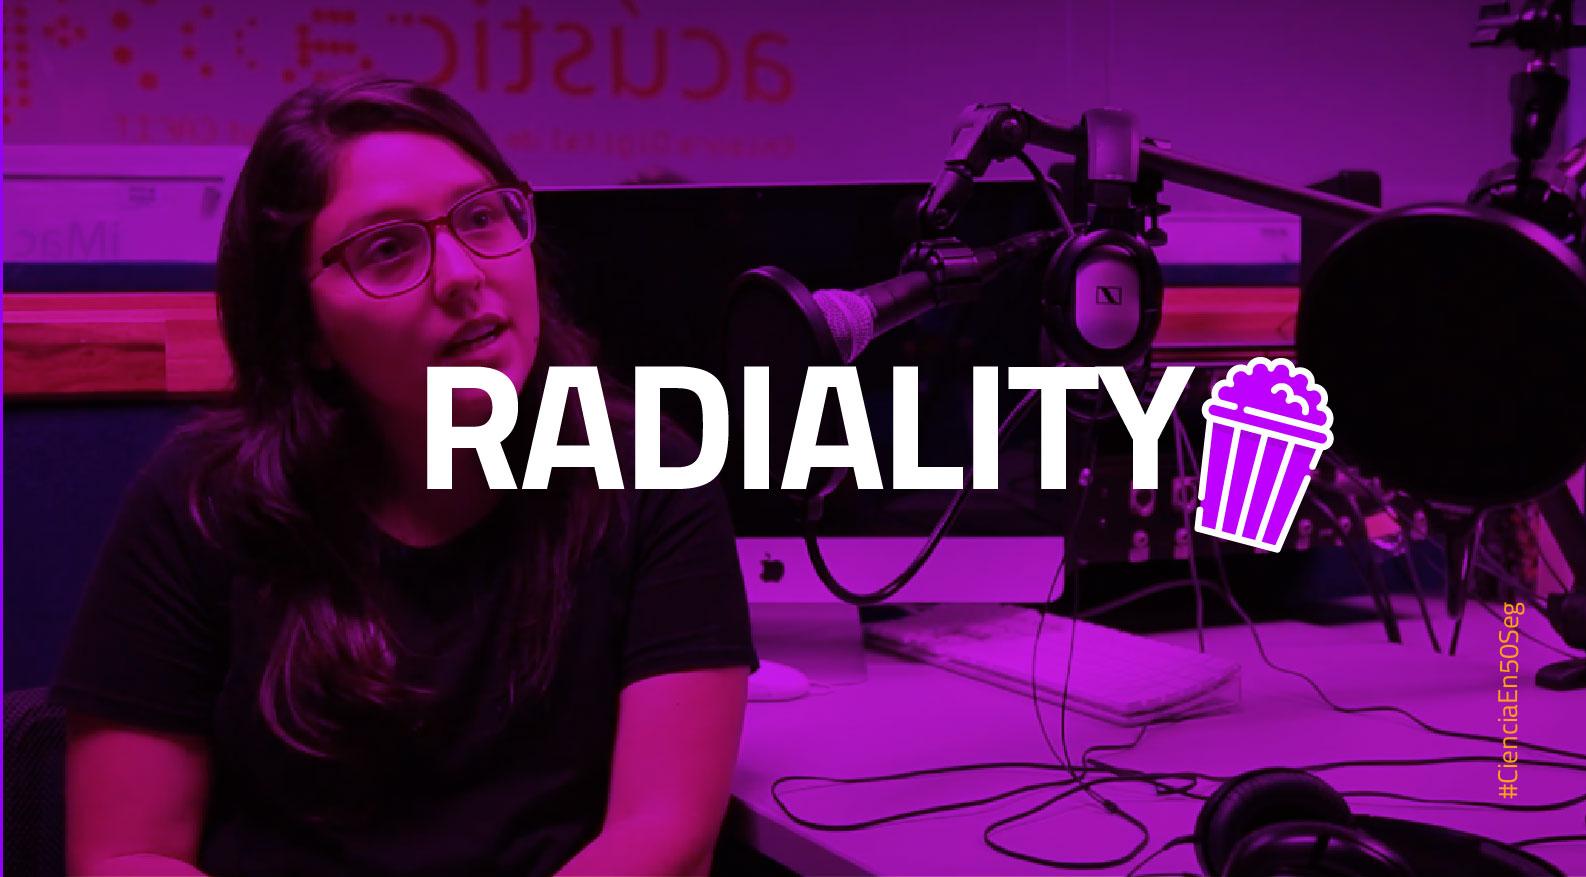 [Clips] ¿Qué es el Radiality?